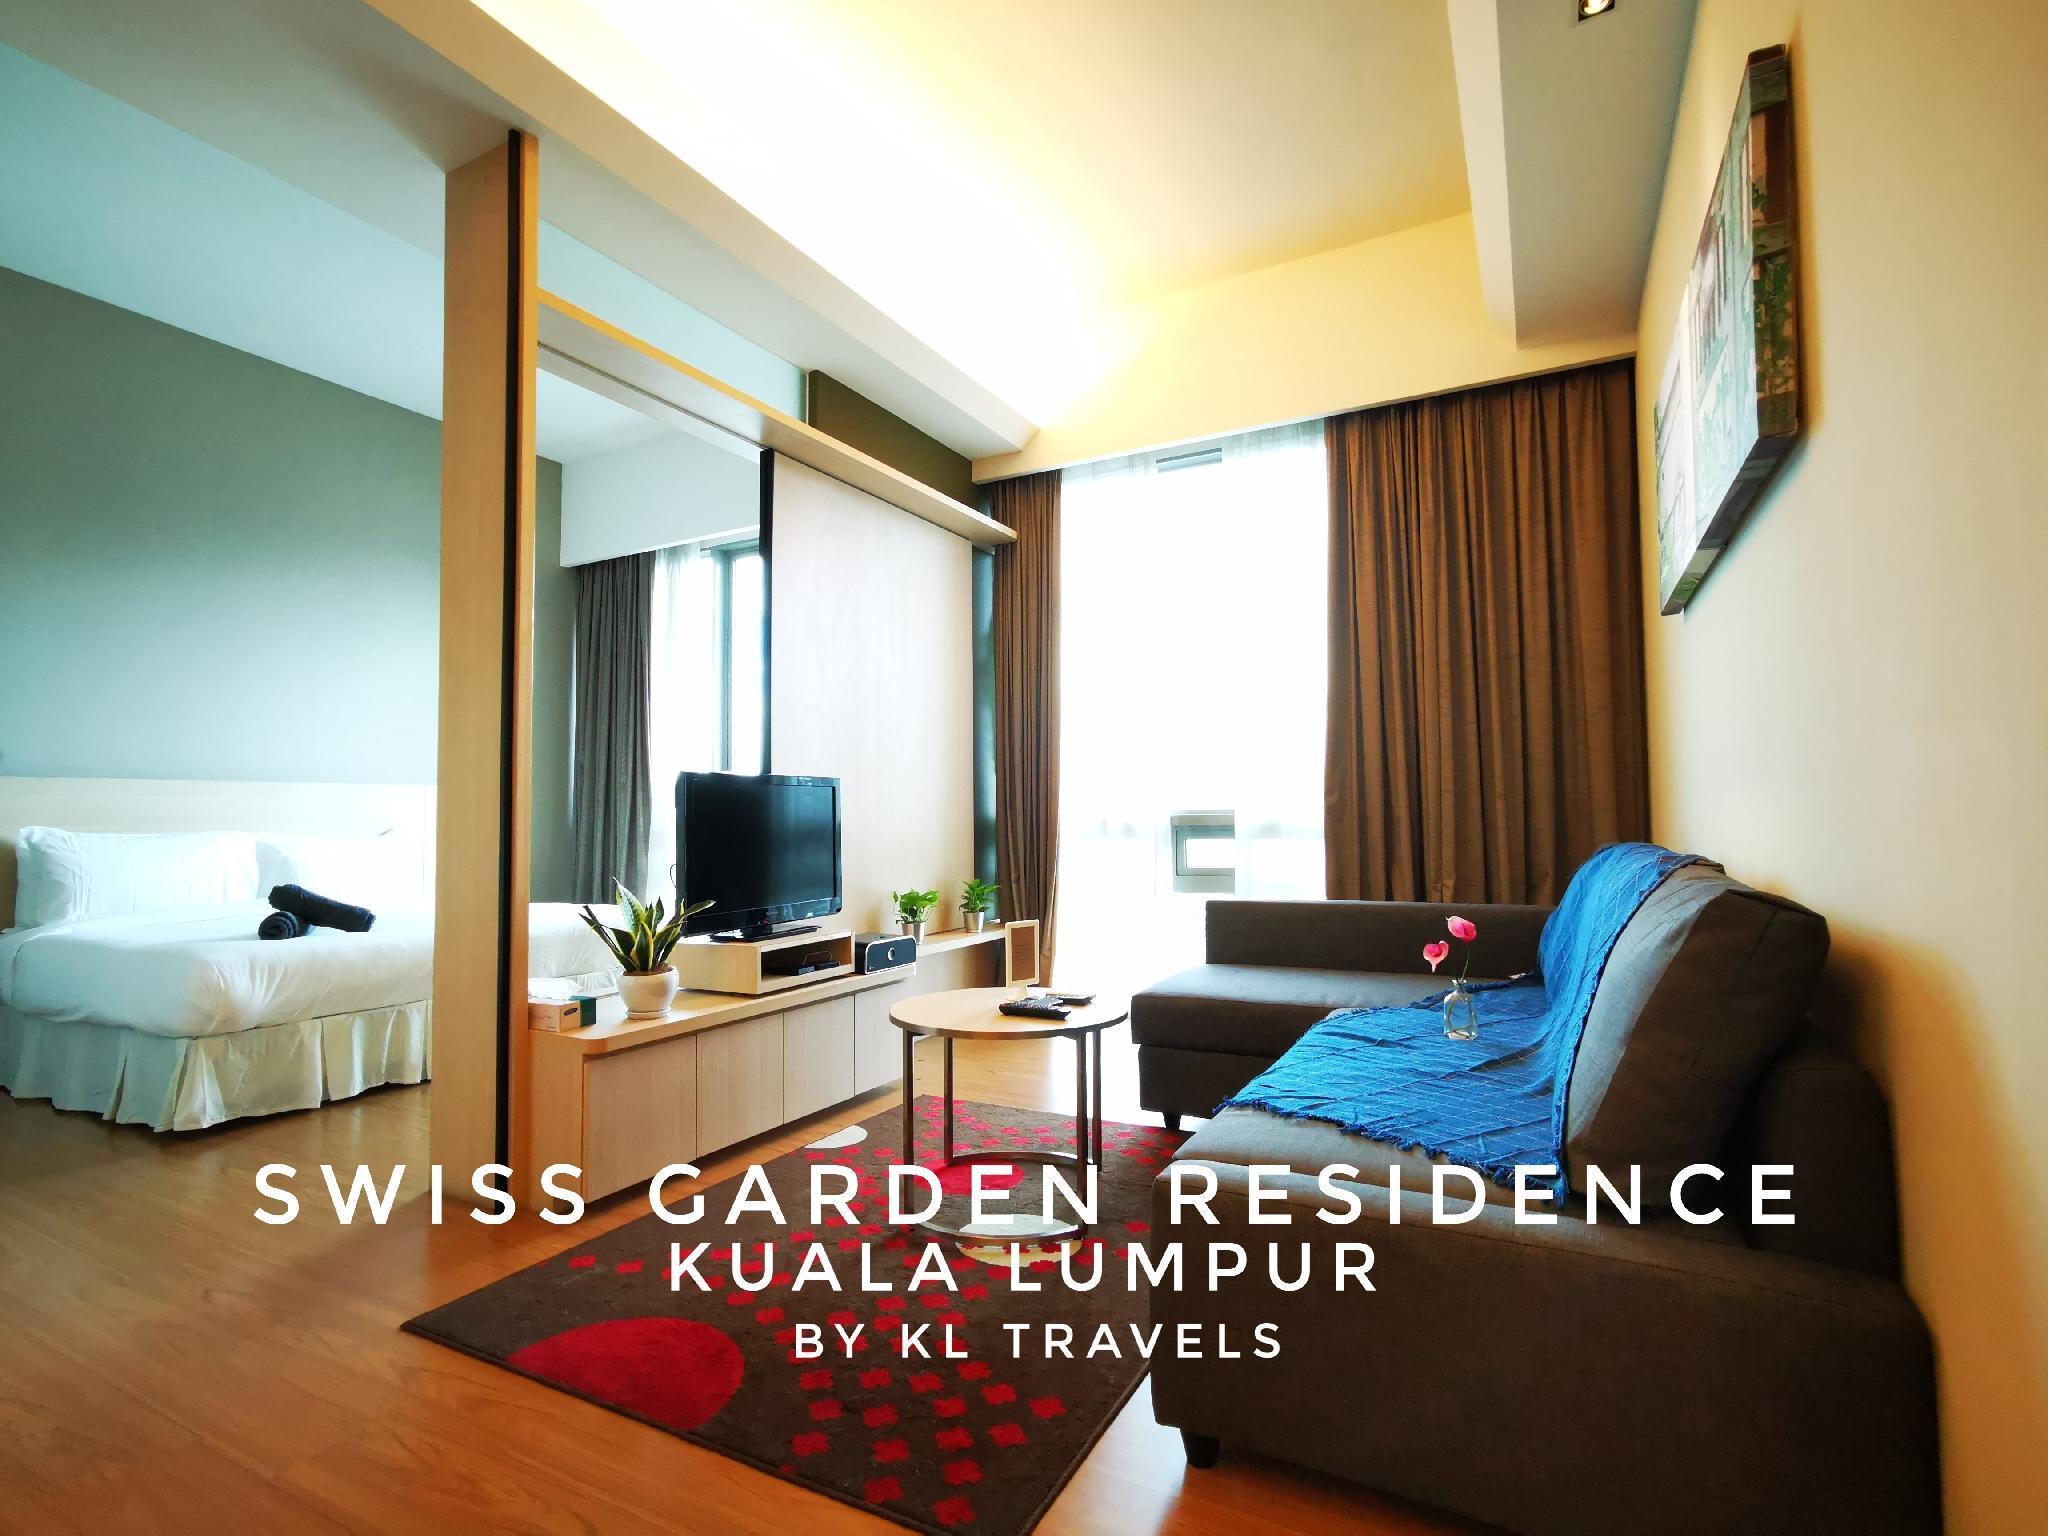 The KL Travels @ Swiss Garden Residence 01